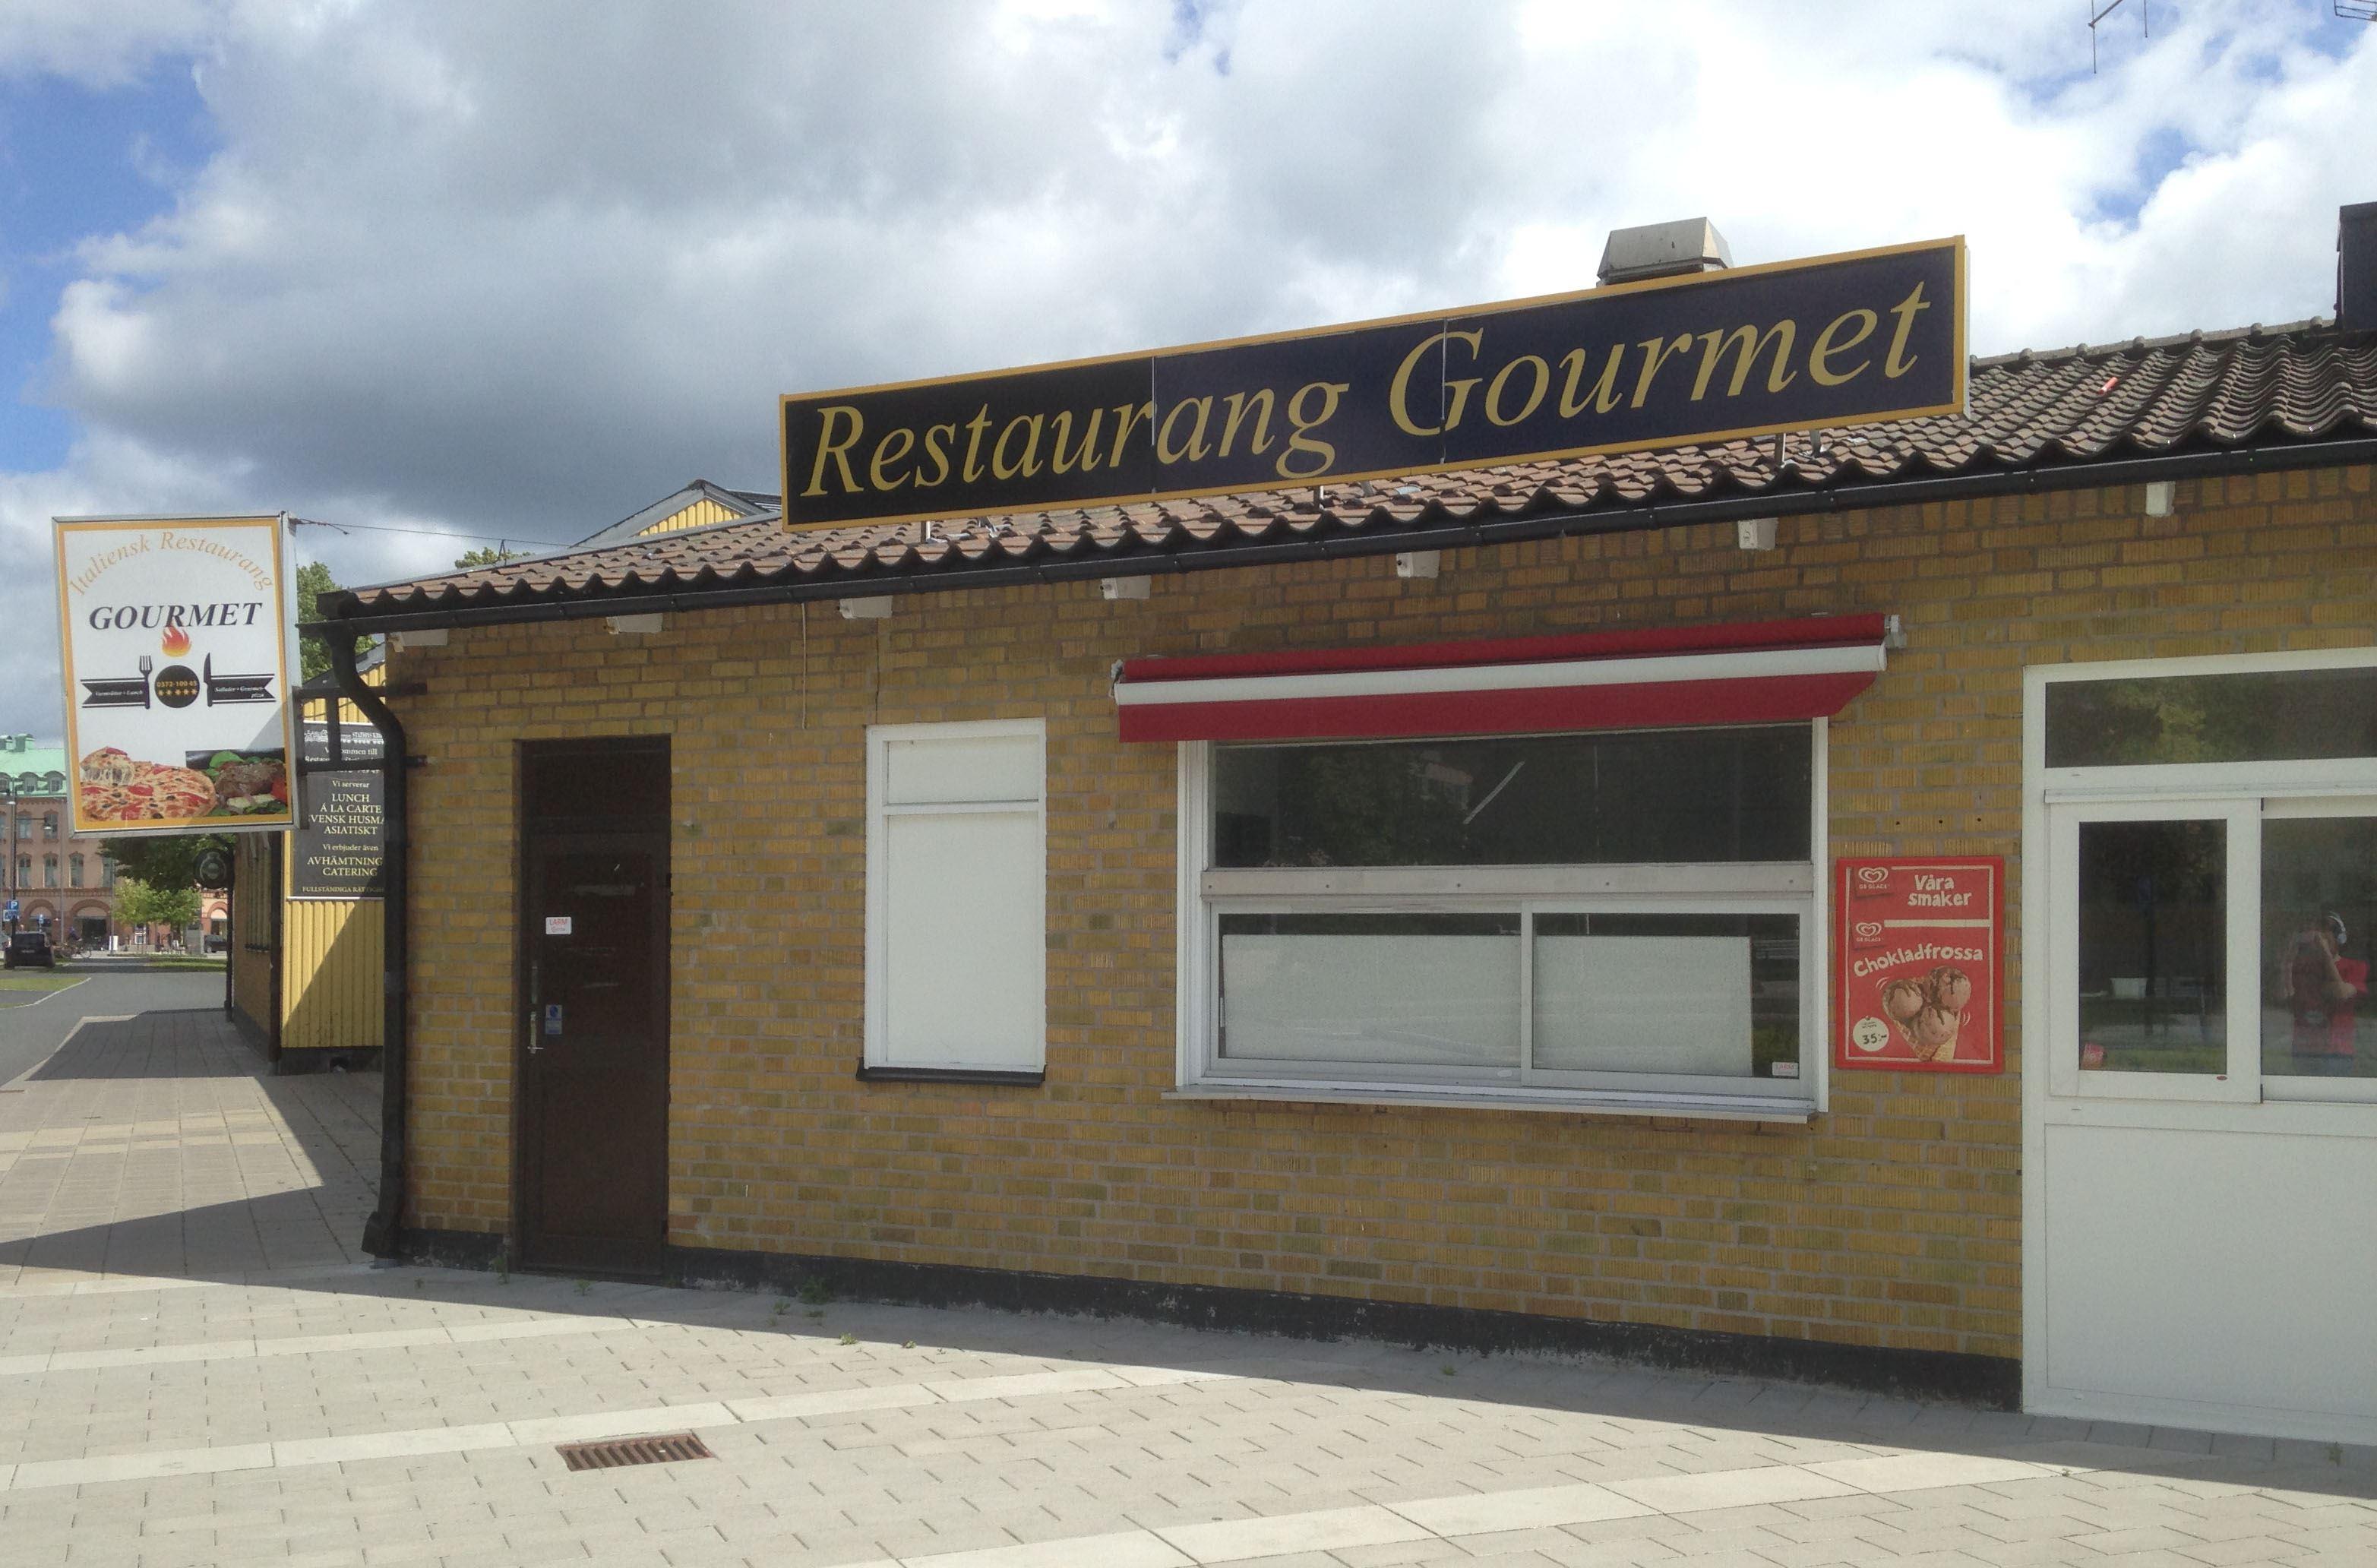 Restaurang Gourmet